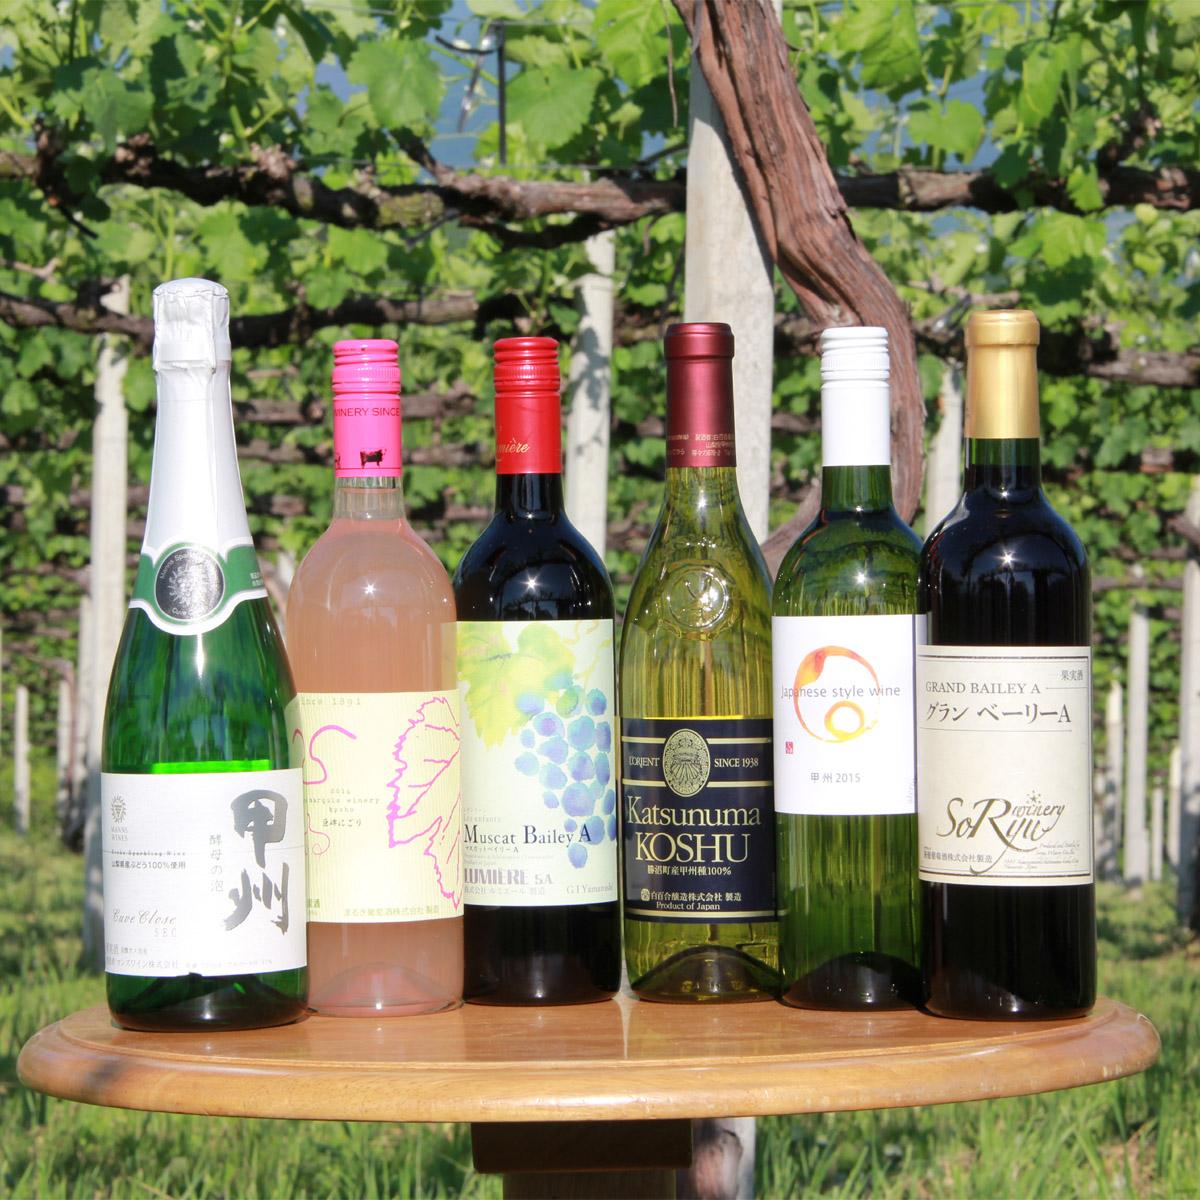 【ふるさと納税】山梨ワインバラエティー6本セット(TO-52)山梨ワインを楽しめるタイプの違う6品種のチョイス